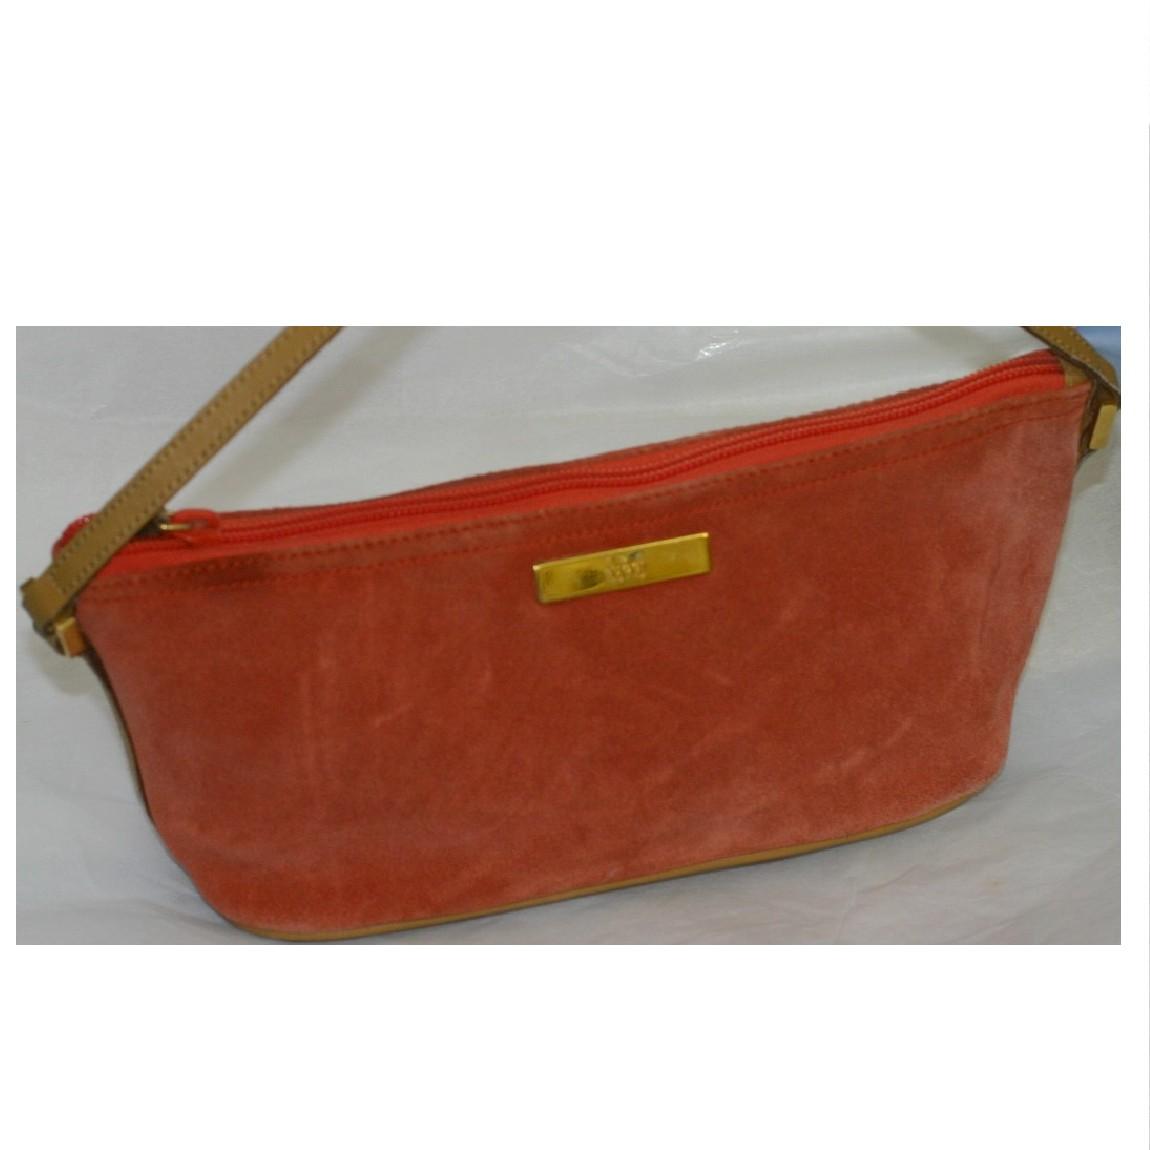 【中古】本物可グッチオレンジ色スエード素材xキャメル色革ハンドポーチ サイズW26H12D10cm